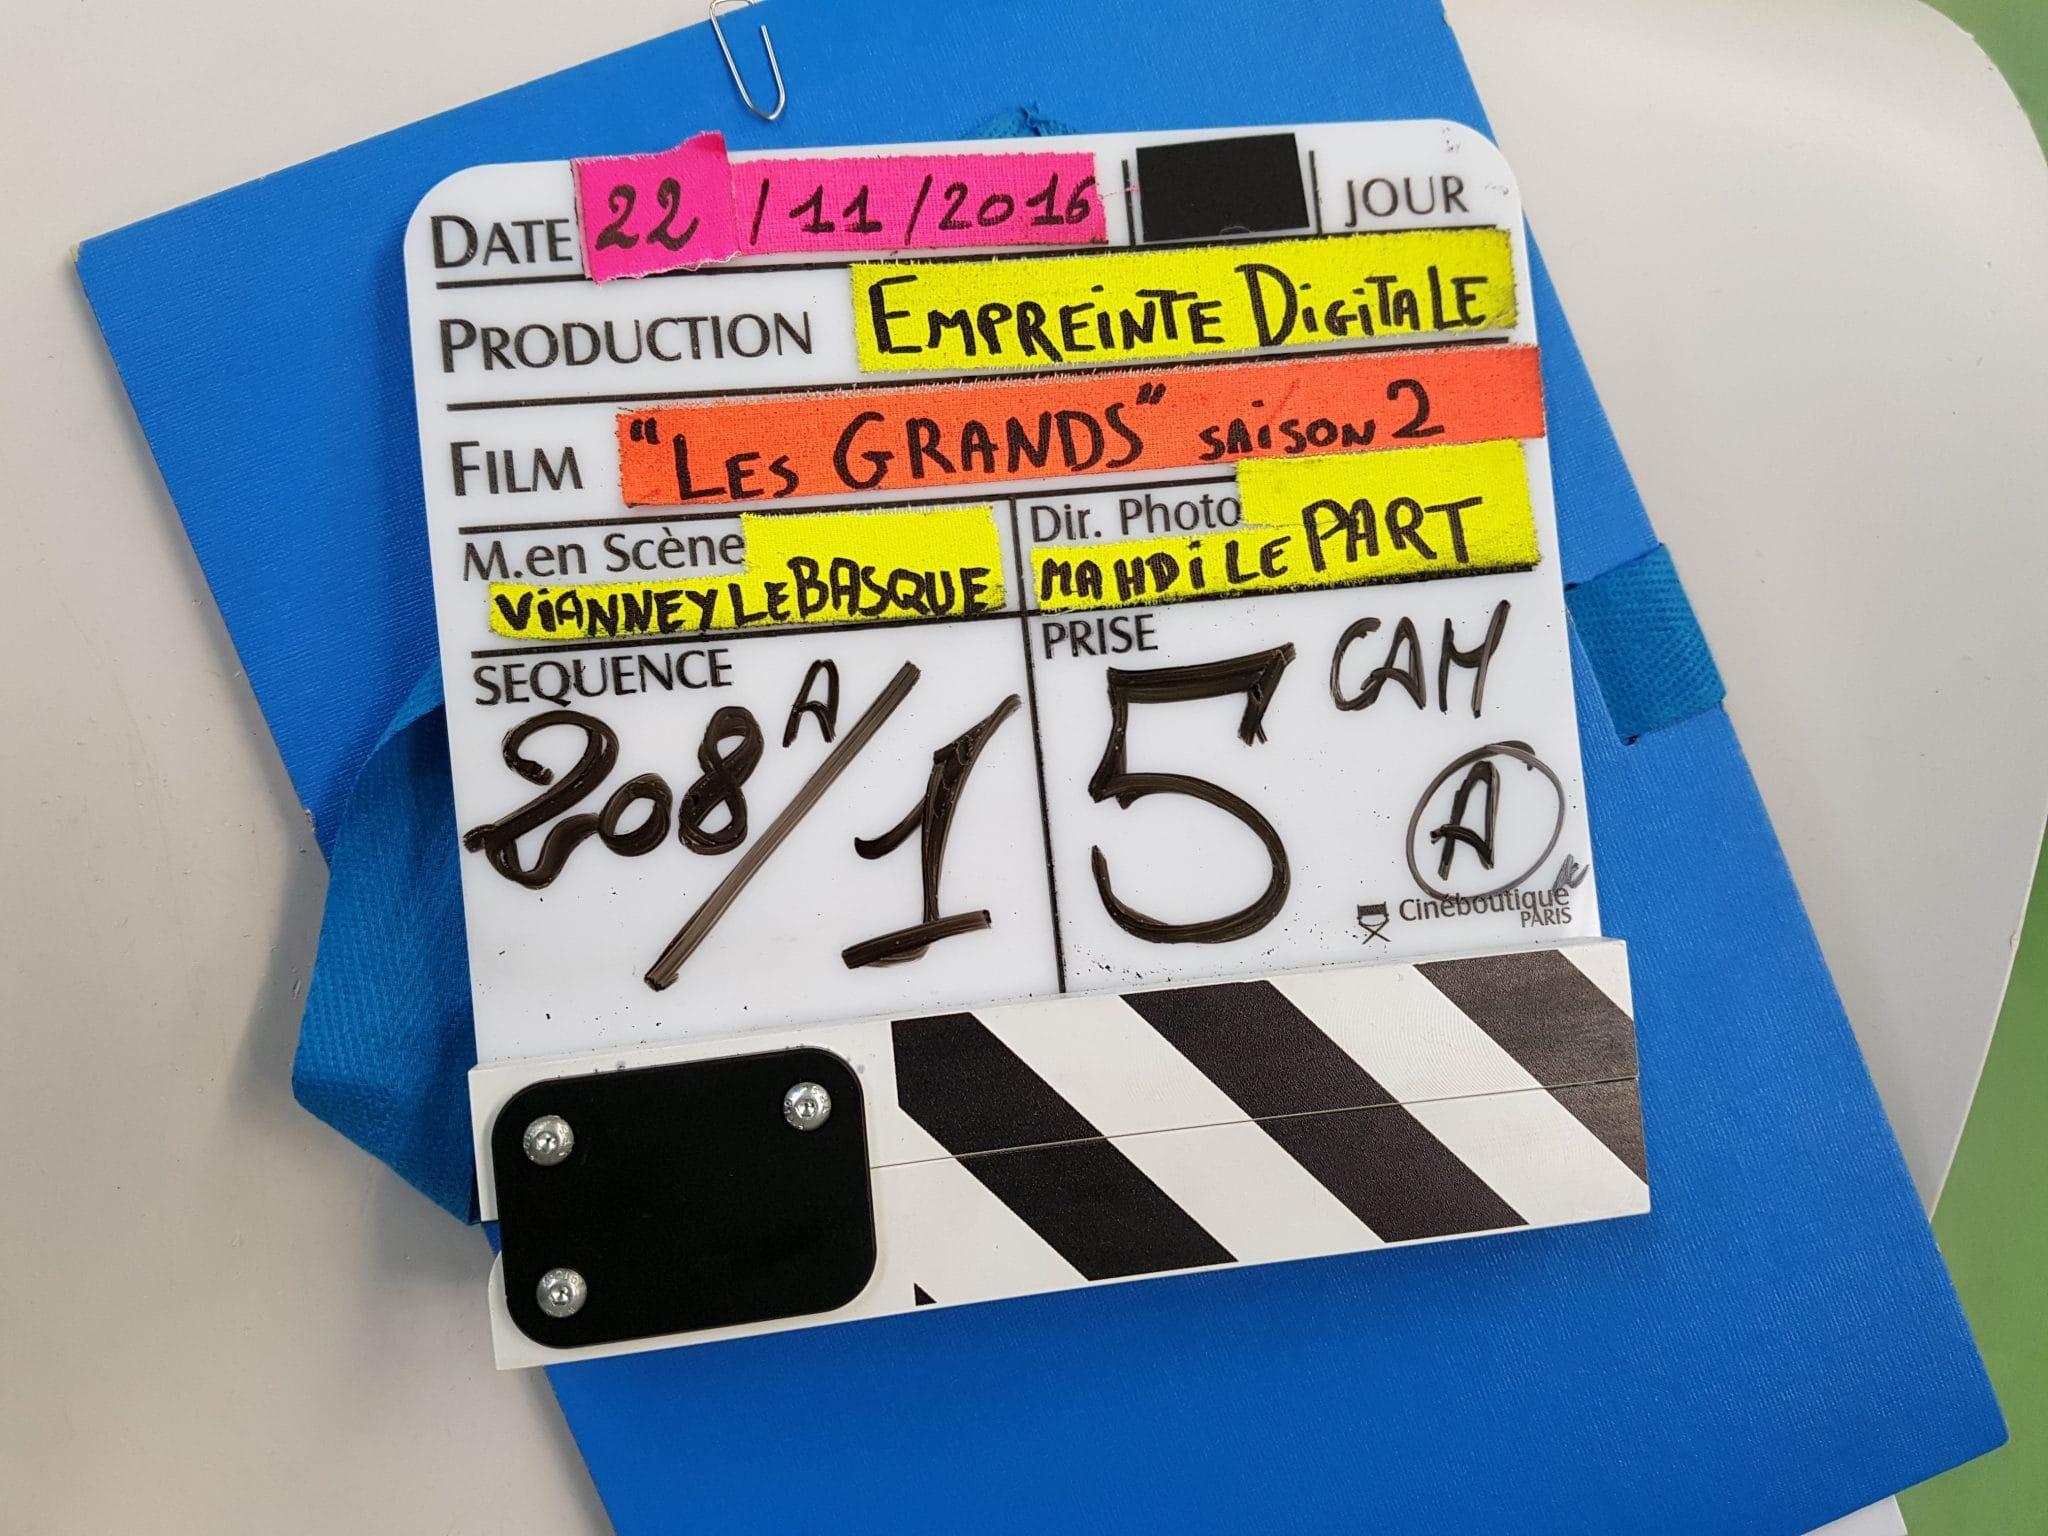 les grands saison 2 image tournage 3